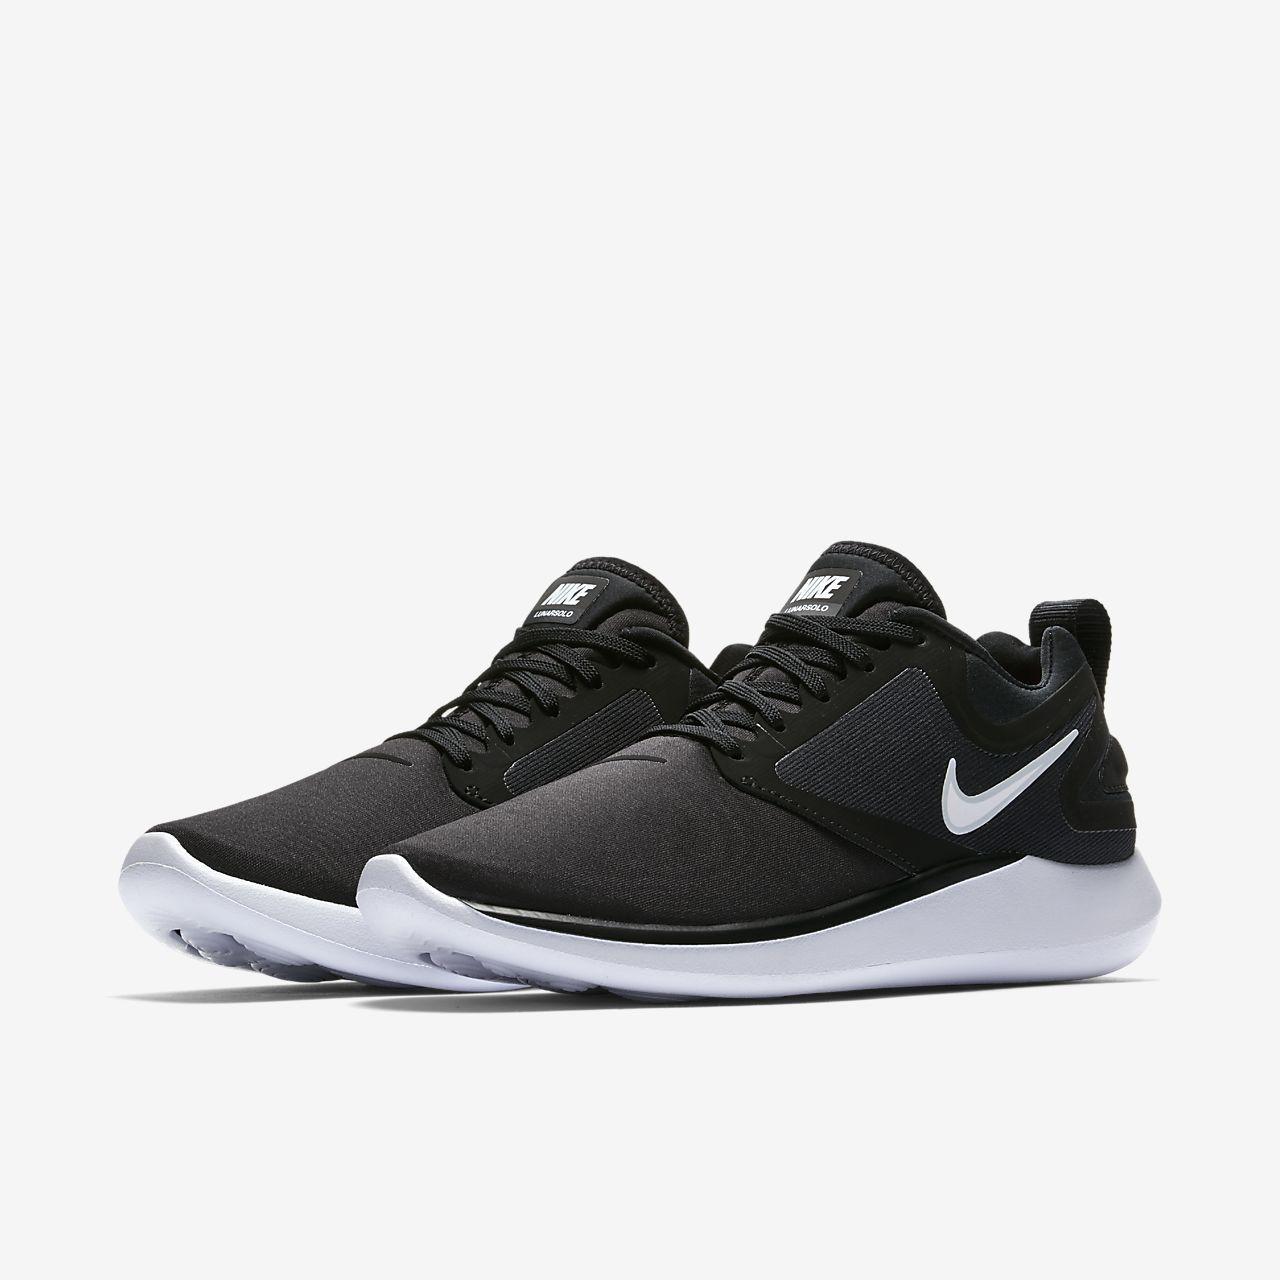 Nike LunarSolo Women s Running Shoe  5c0e59872